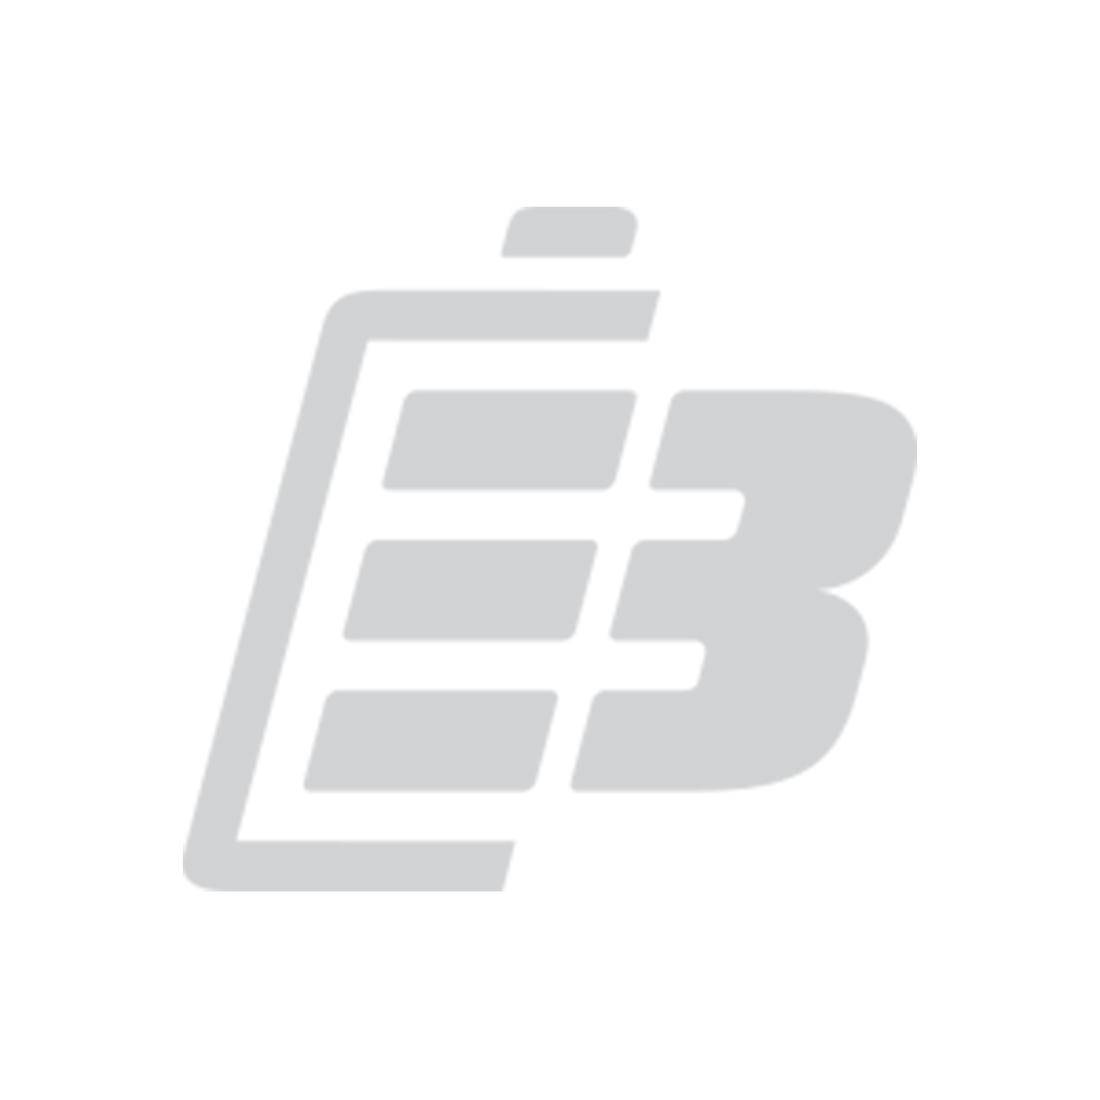 Μπαταρία smartphone Acer Liquid_1